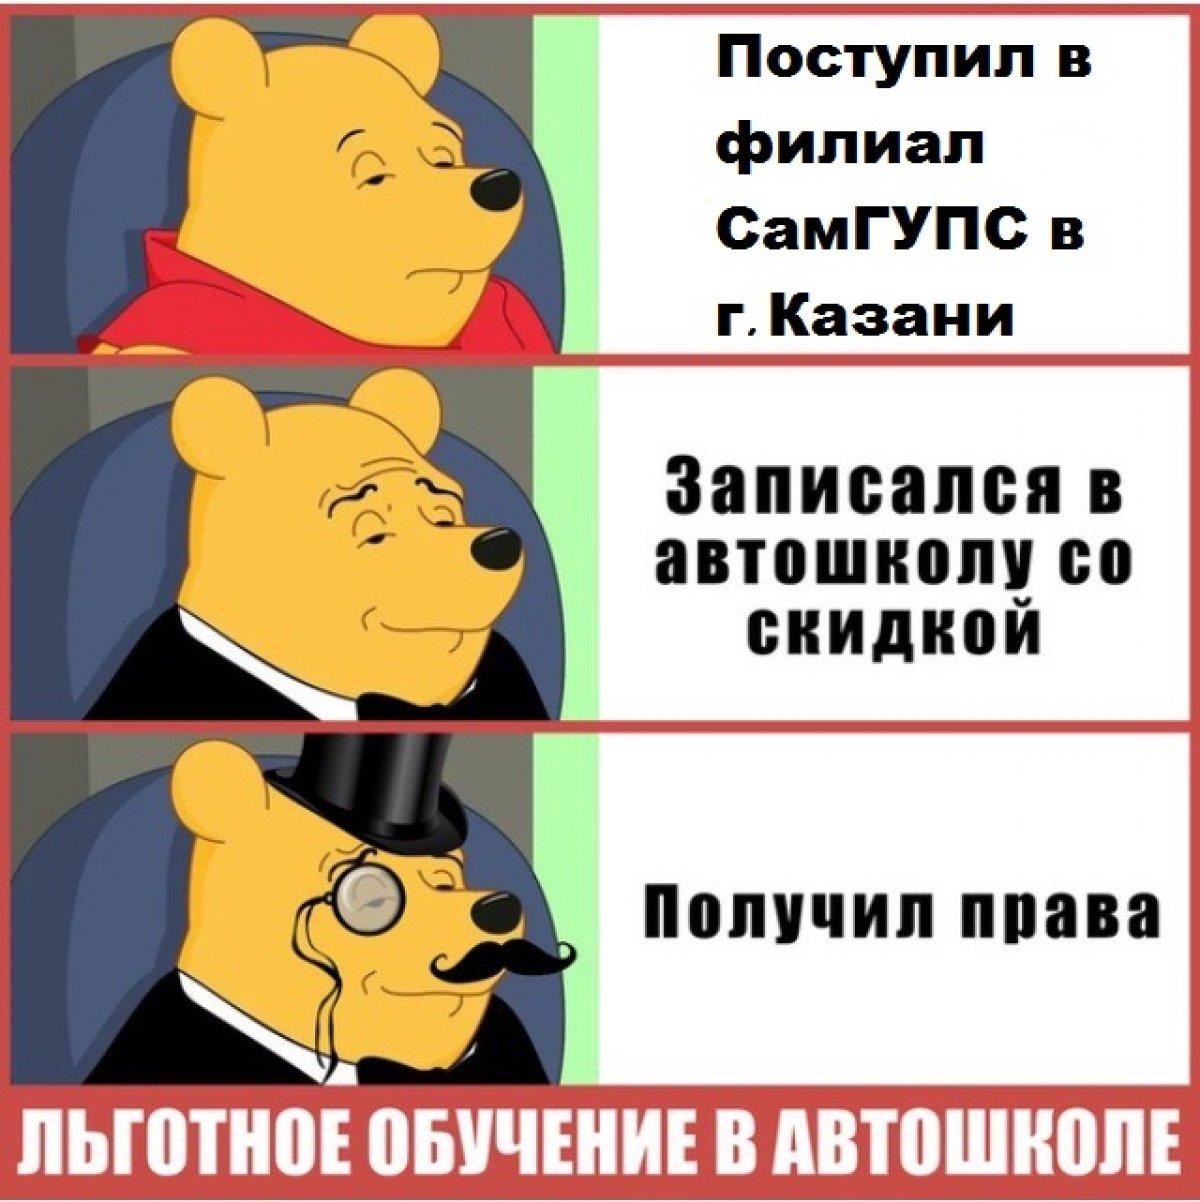 """А ты записался в автошколу """"Локомотив"""" ?Приходите к нам, мы научим Вас безопасному и качественному вождению 🚗"""